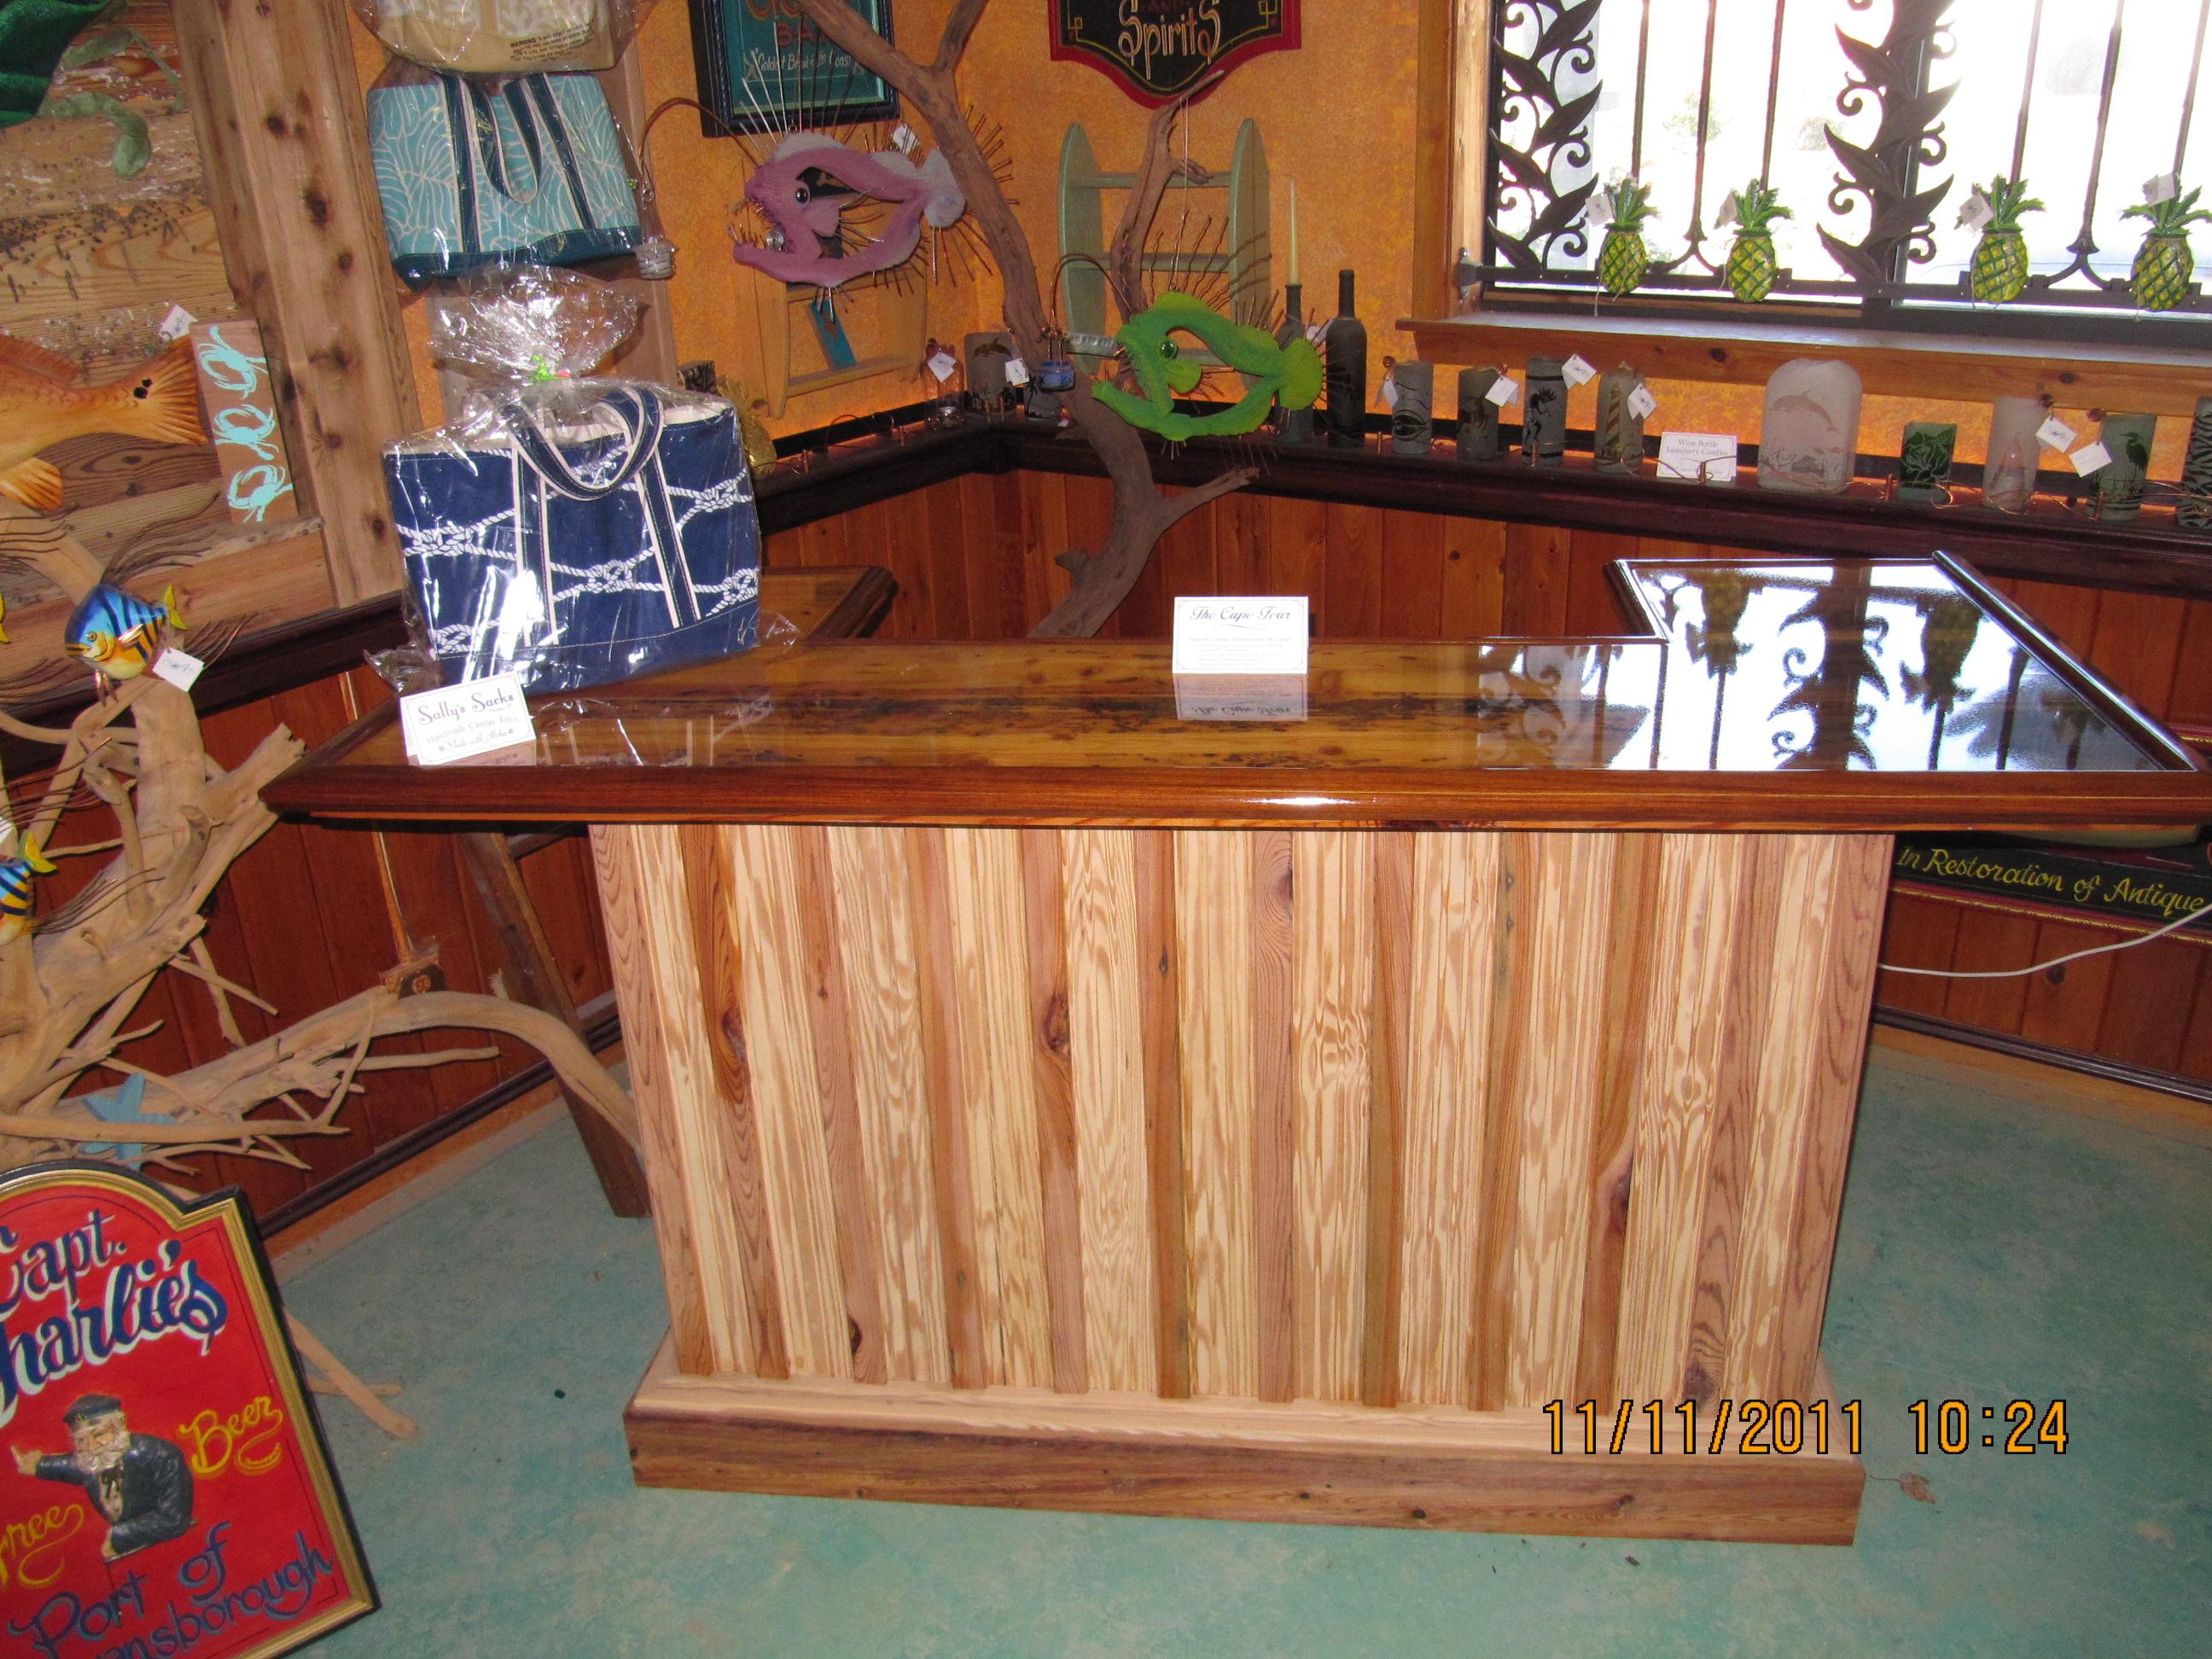 Home Bars  Nautical Art  Home Bar Furniture  Pub Signs  Beach Decor